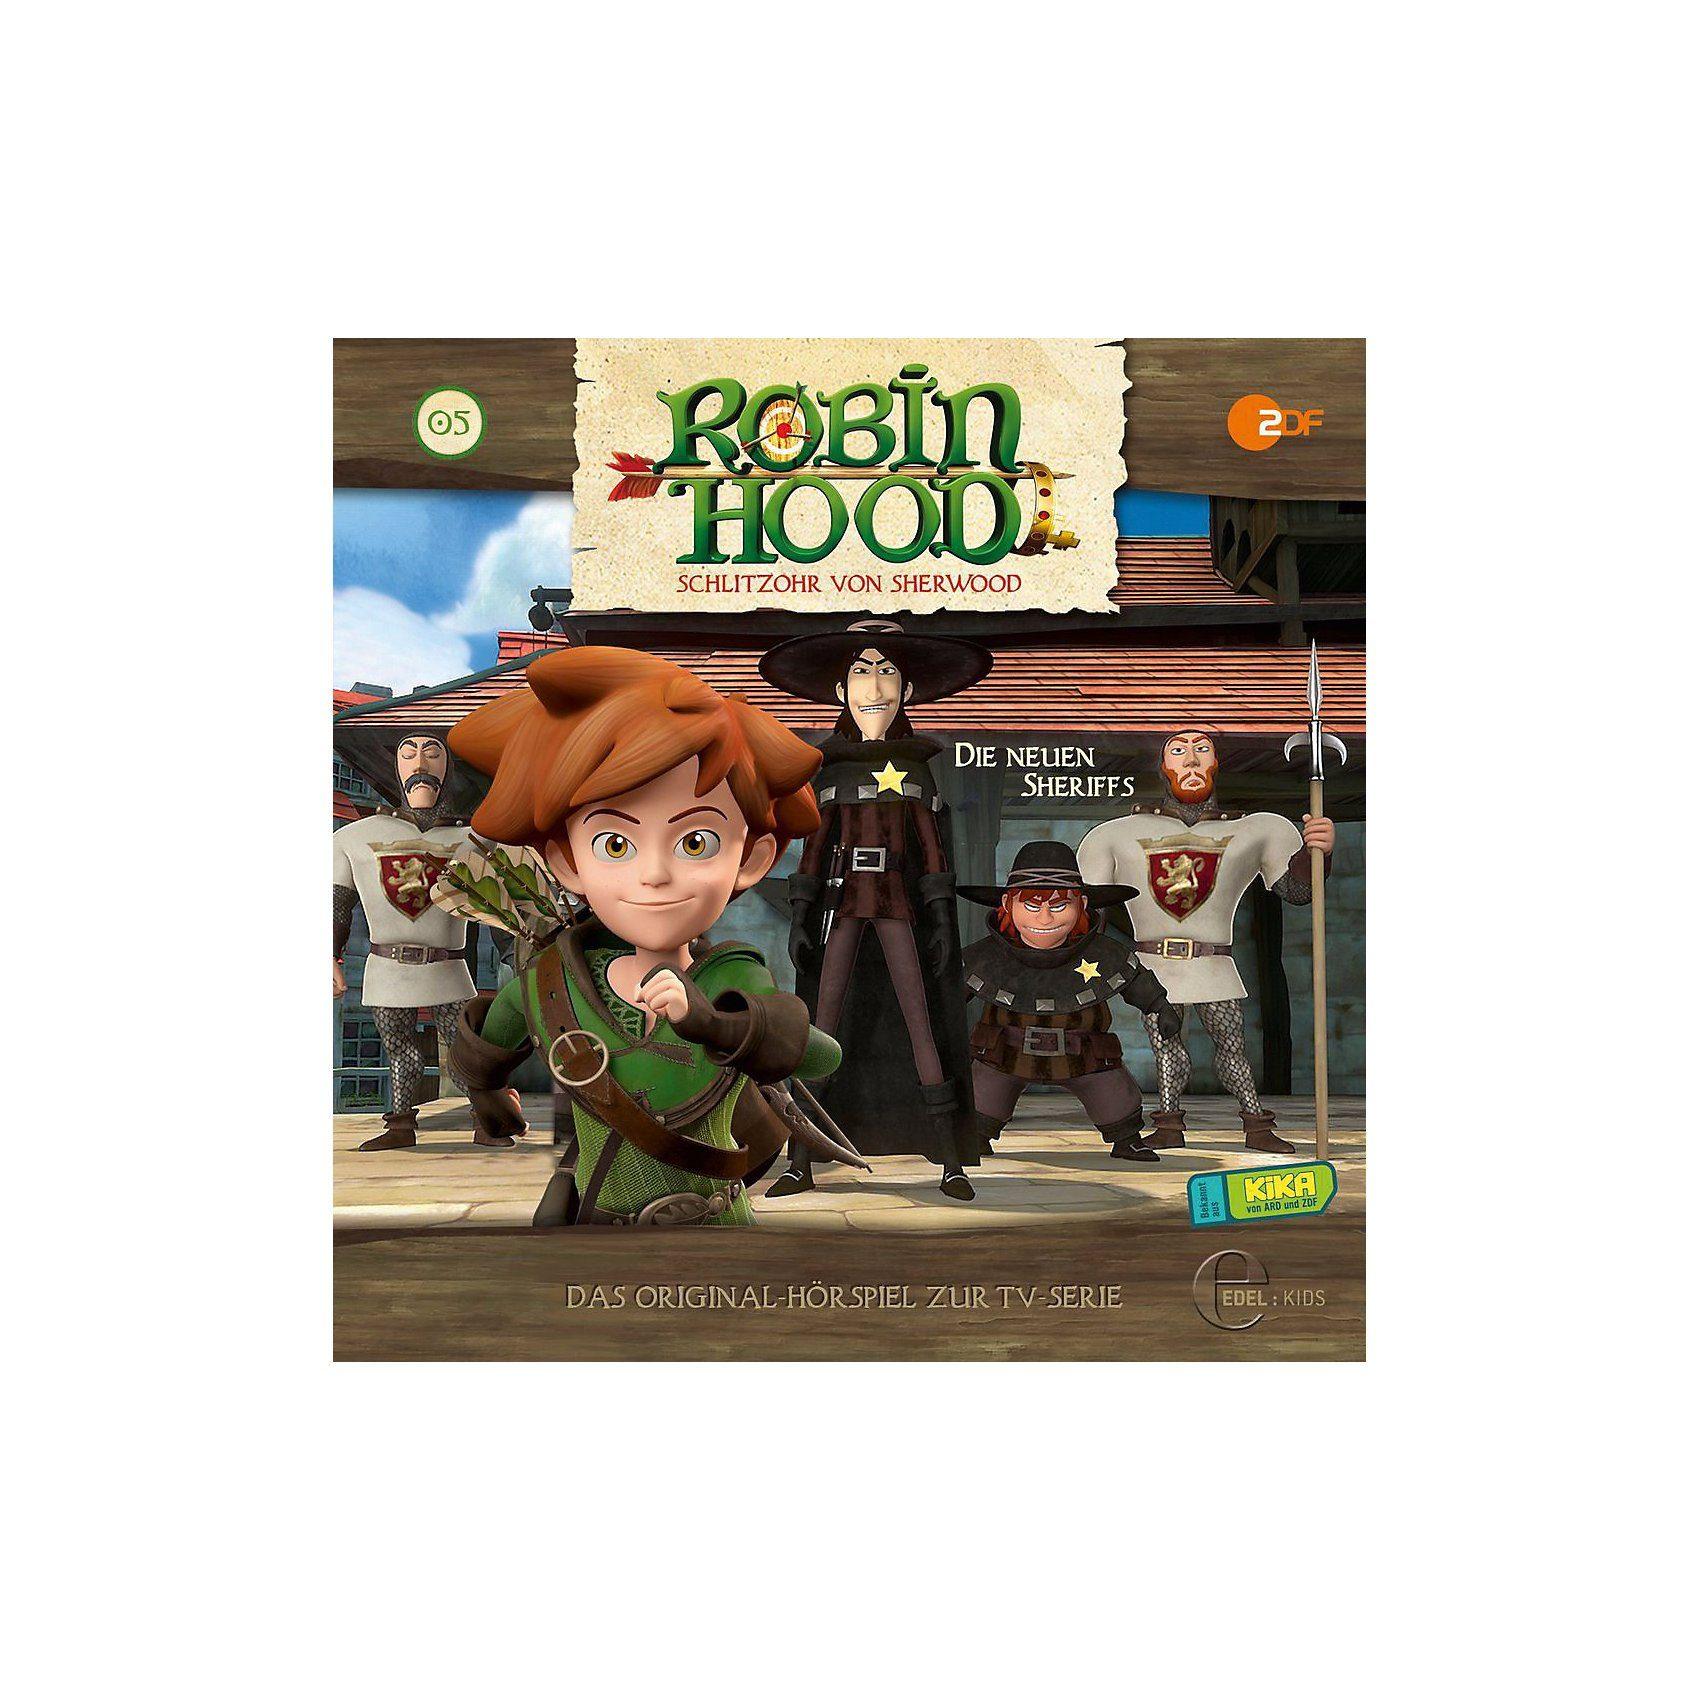 Edel CD CD Robin Hood: Schlitzohr von Sherwood 05